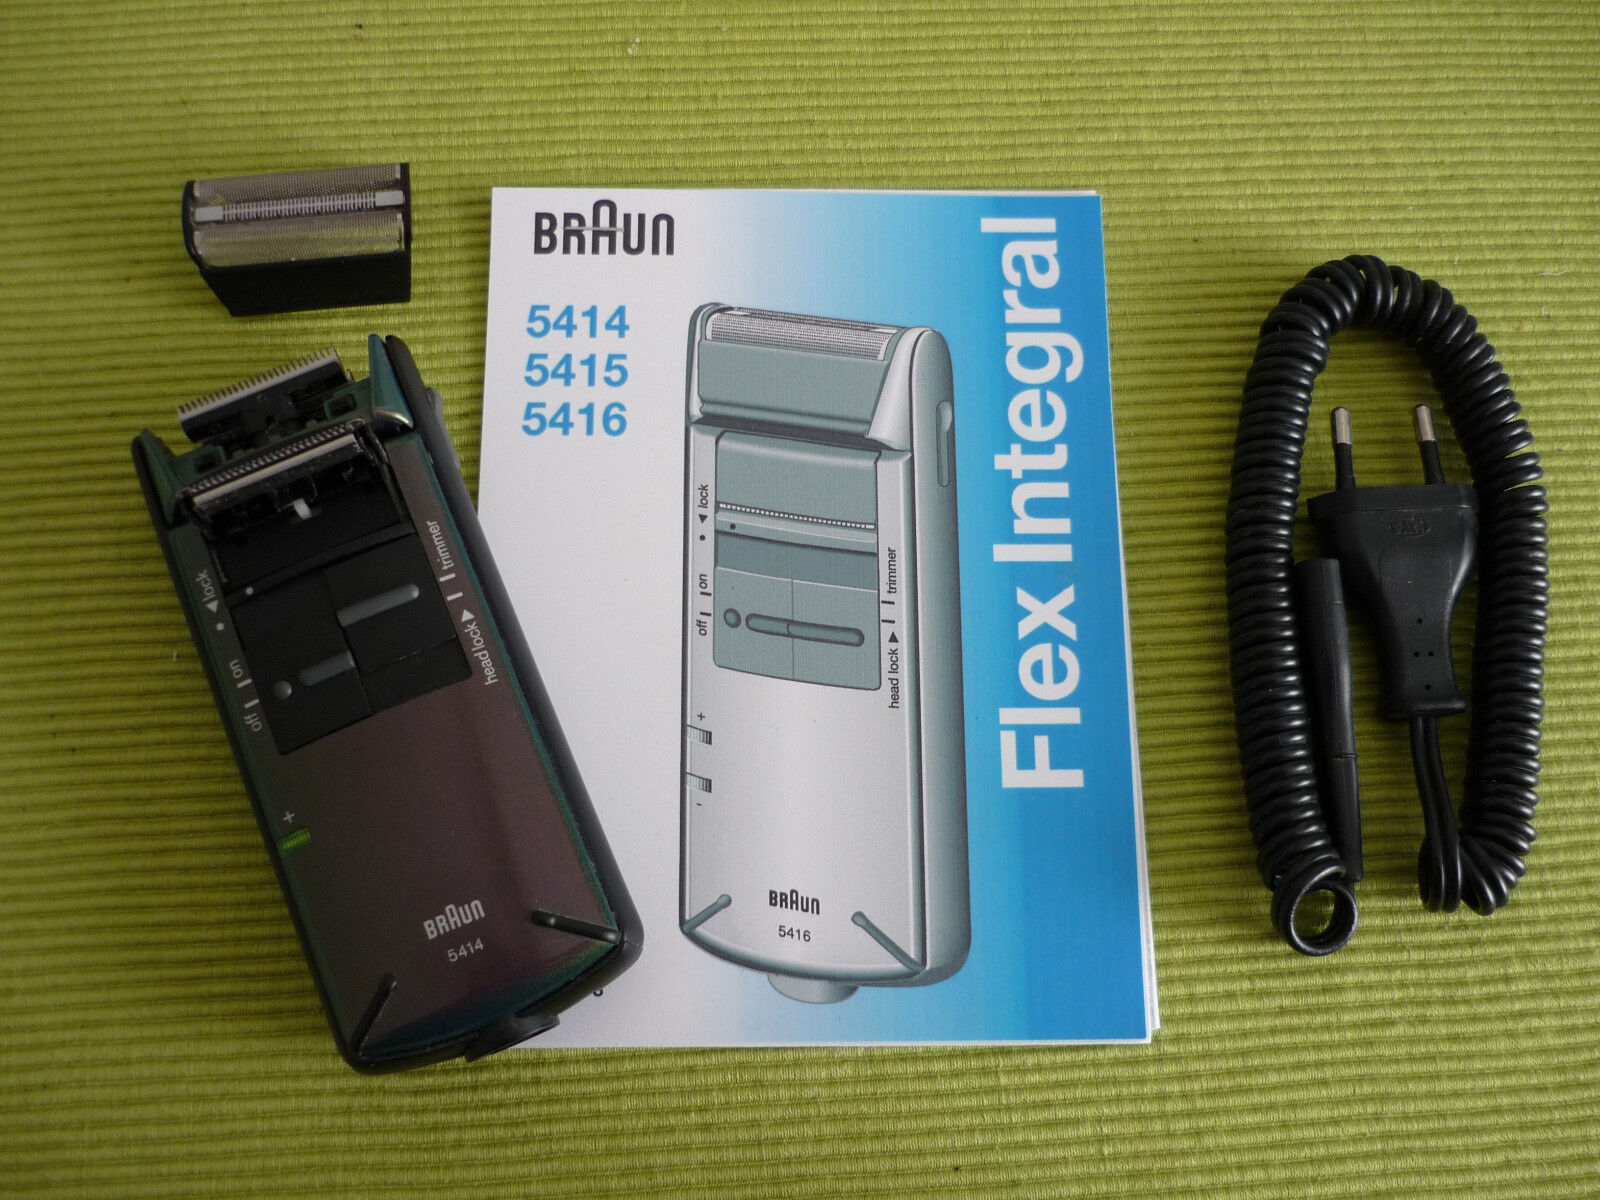 BRAUN 5414 Akku-/Netz-Rasierer Flex Integral mit NEUEM AKKU und Zubehör